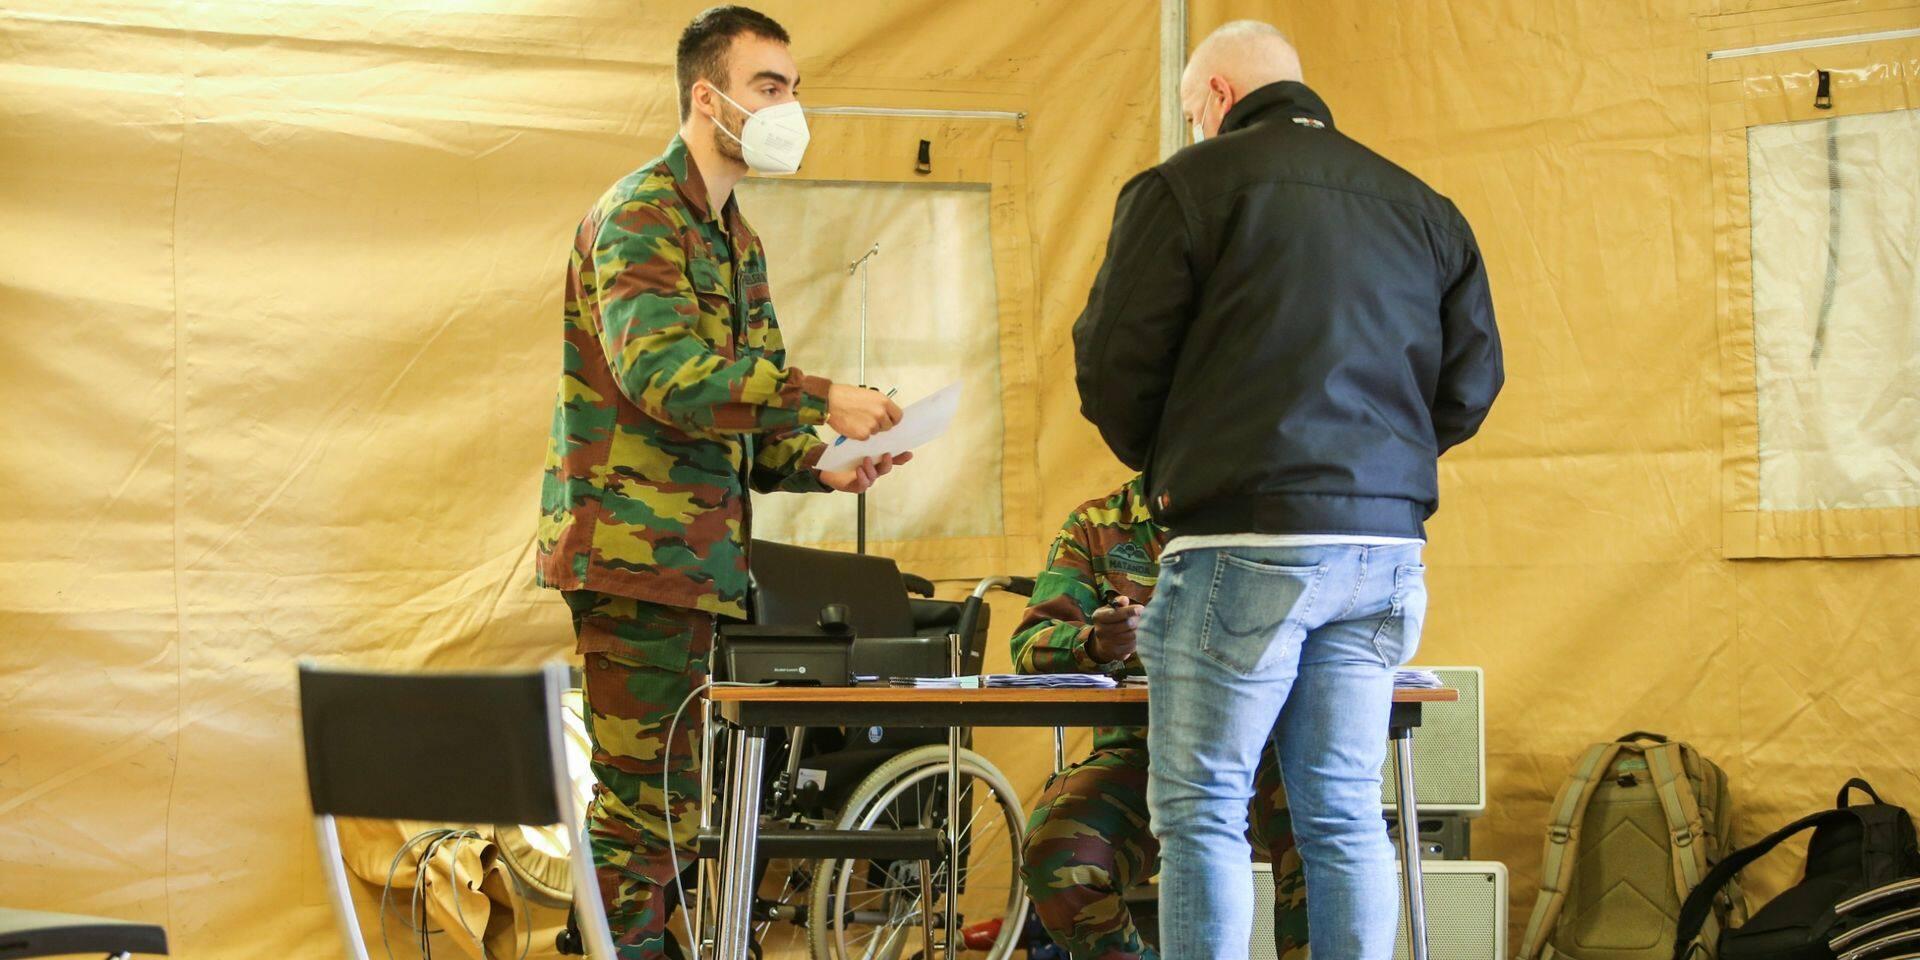 Neder-Over-Heembeek : Le centre de vaccination de l'hôpital militaire Reine Astrid ouvre ses portes ce lundi